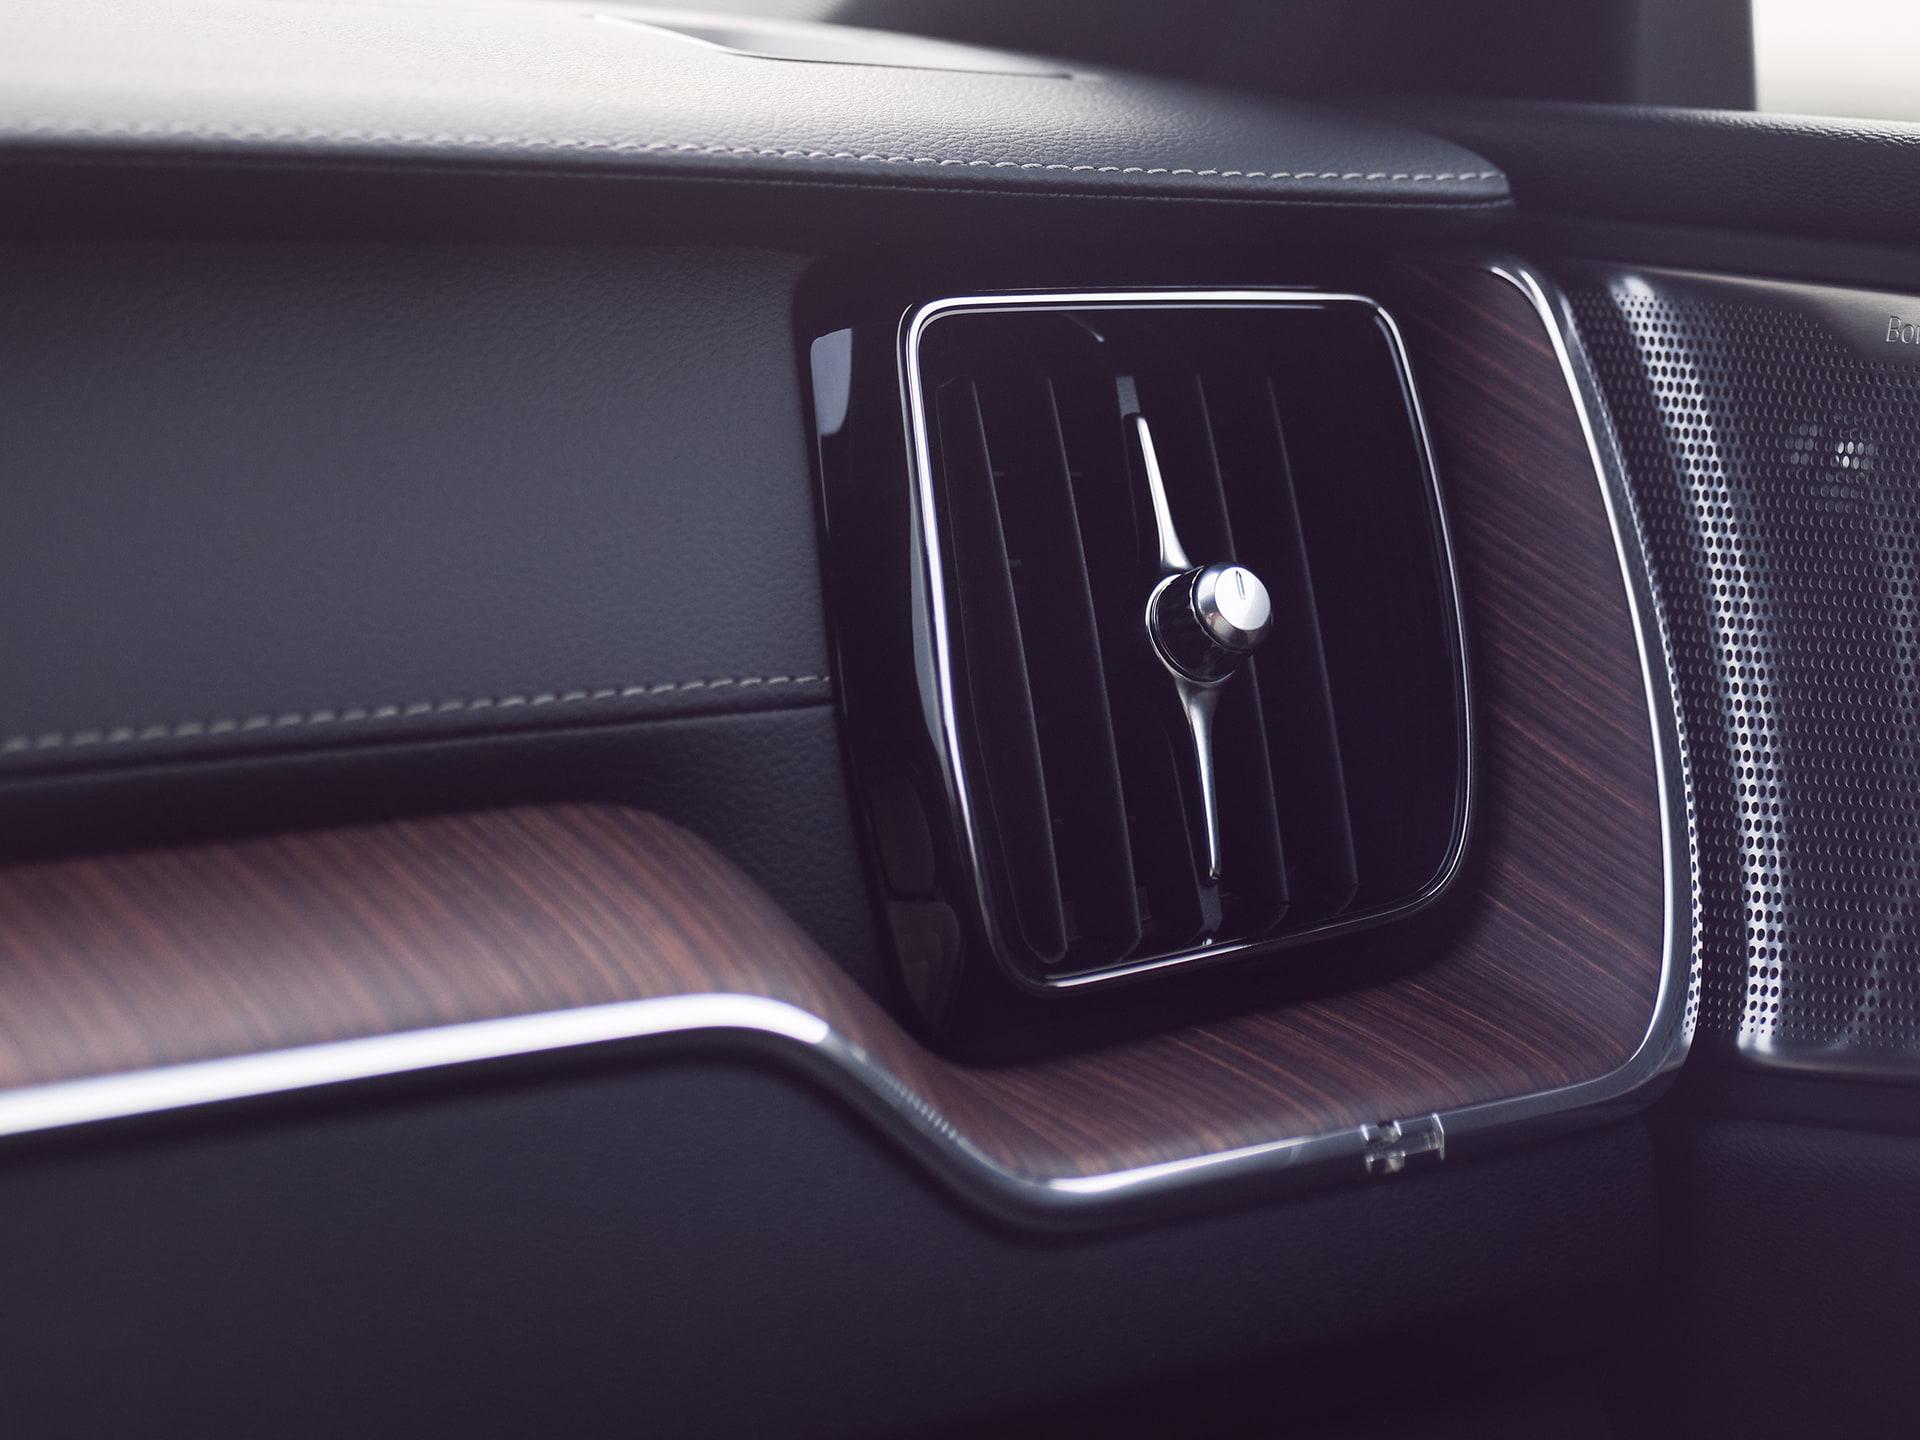 O sistema avançado de limpeza do ar no Volvo XC60 ajuda-o a si e aos seus passageiros a desfrutar de uma qualidade do ar mais saudável.